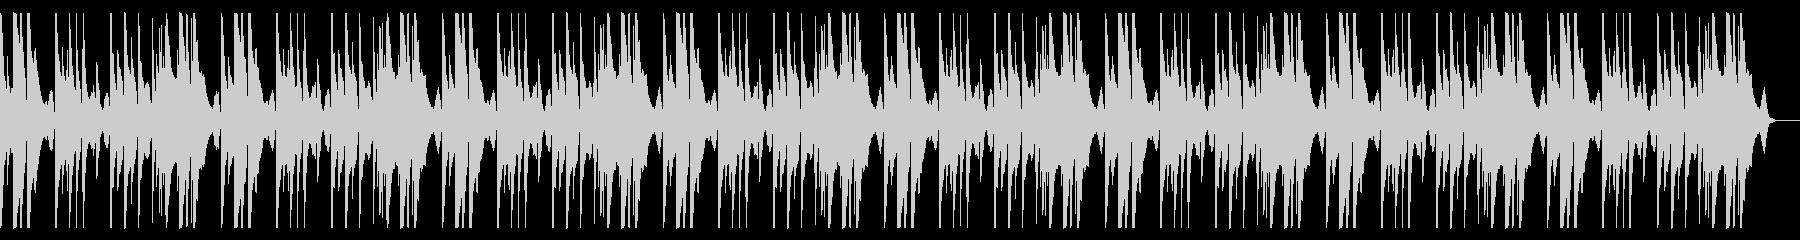 明るく切ないピアノメインのBGMbの未再生の波形